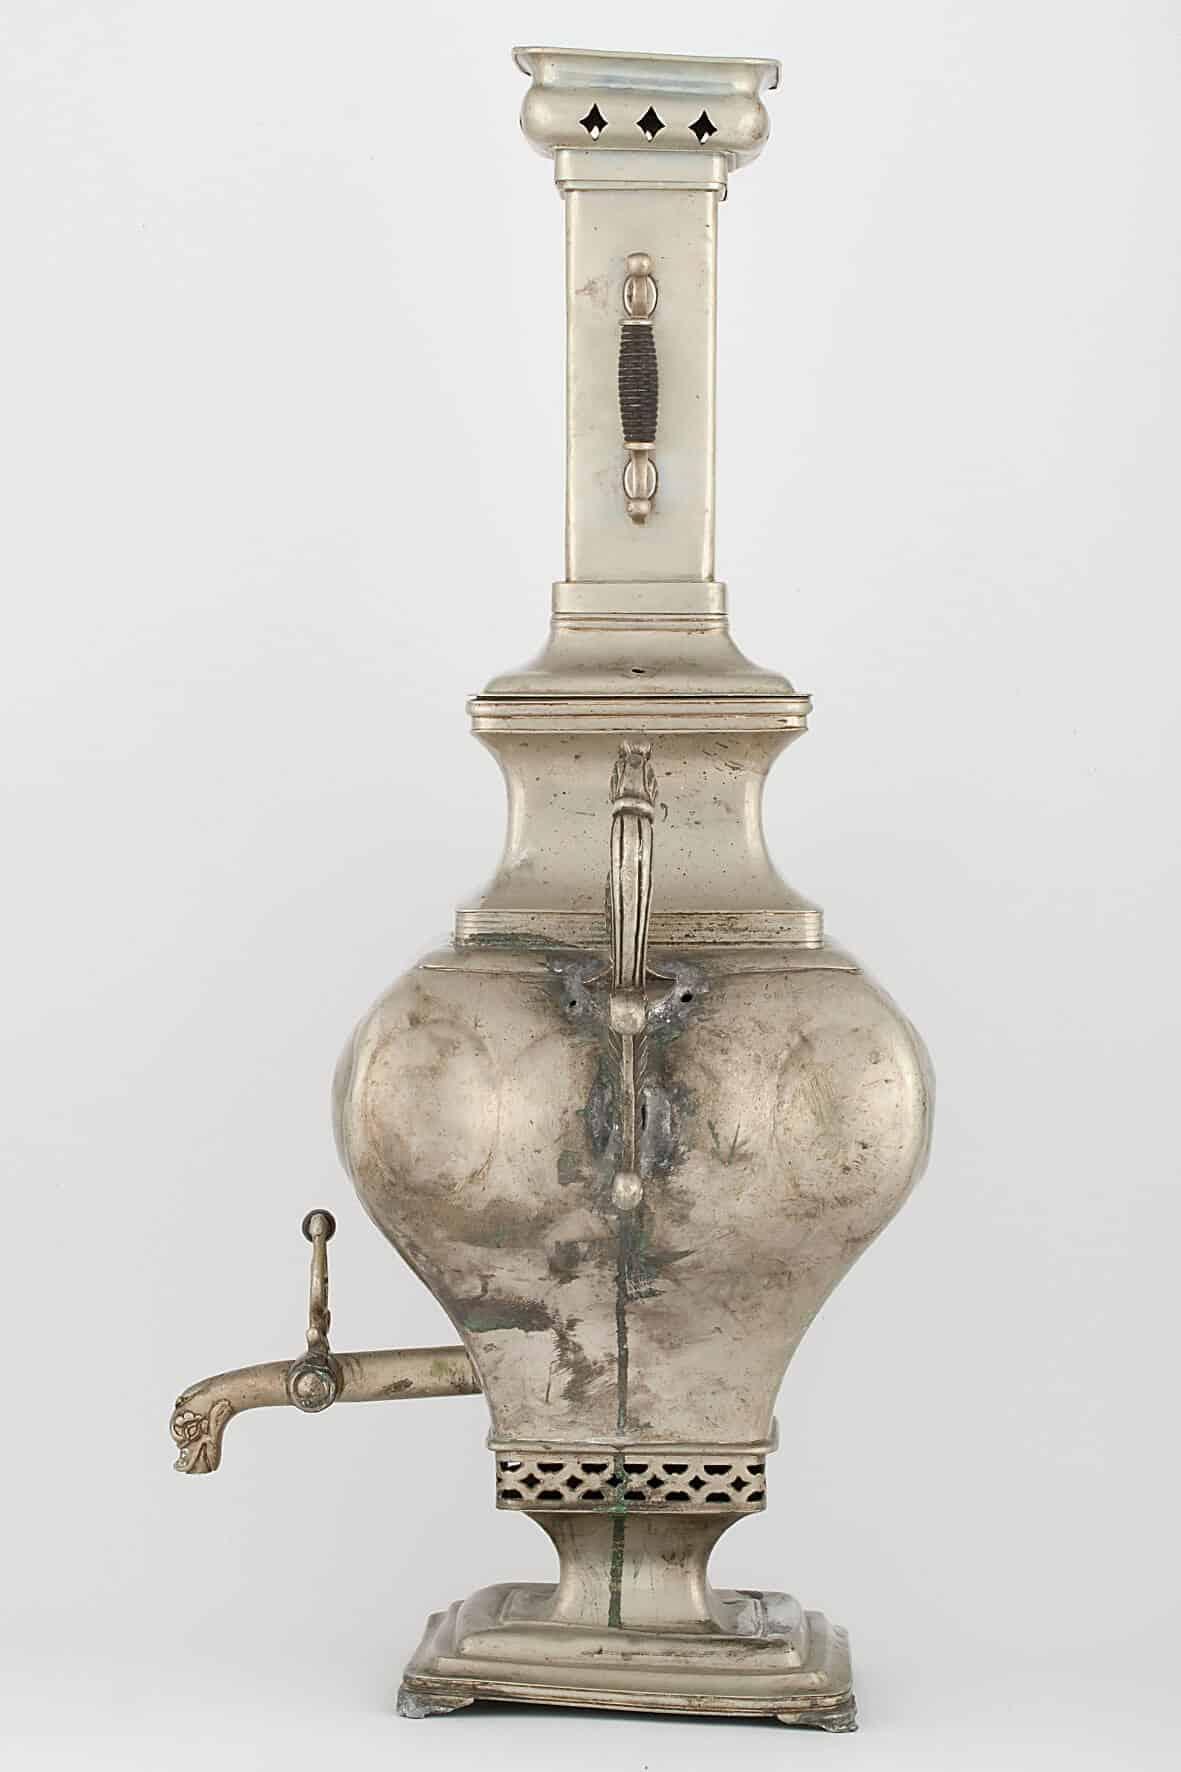 КБ 476 | Самовар-ваза «Прямоугольная» | Музей самоваров и бульоток